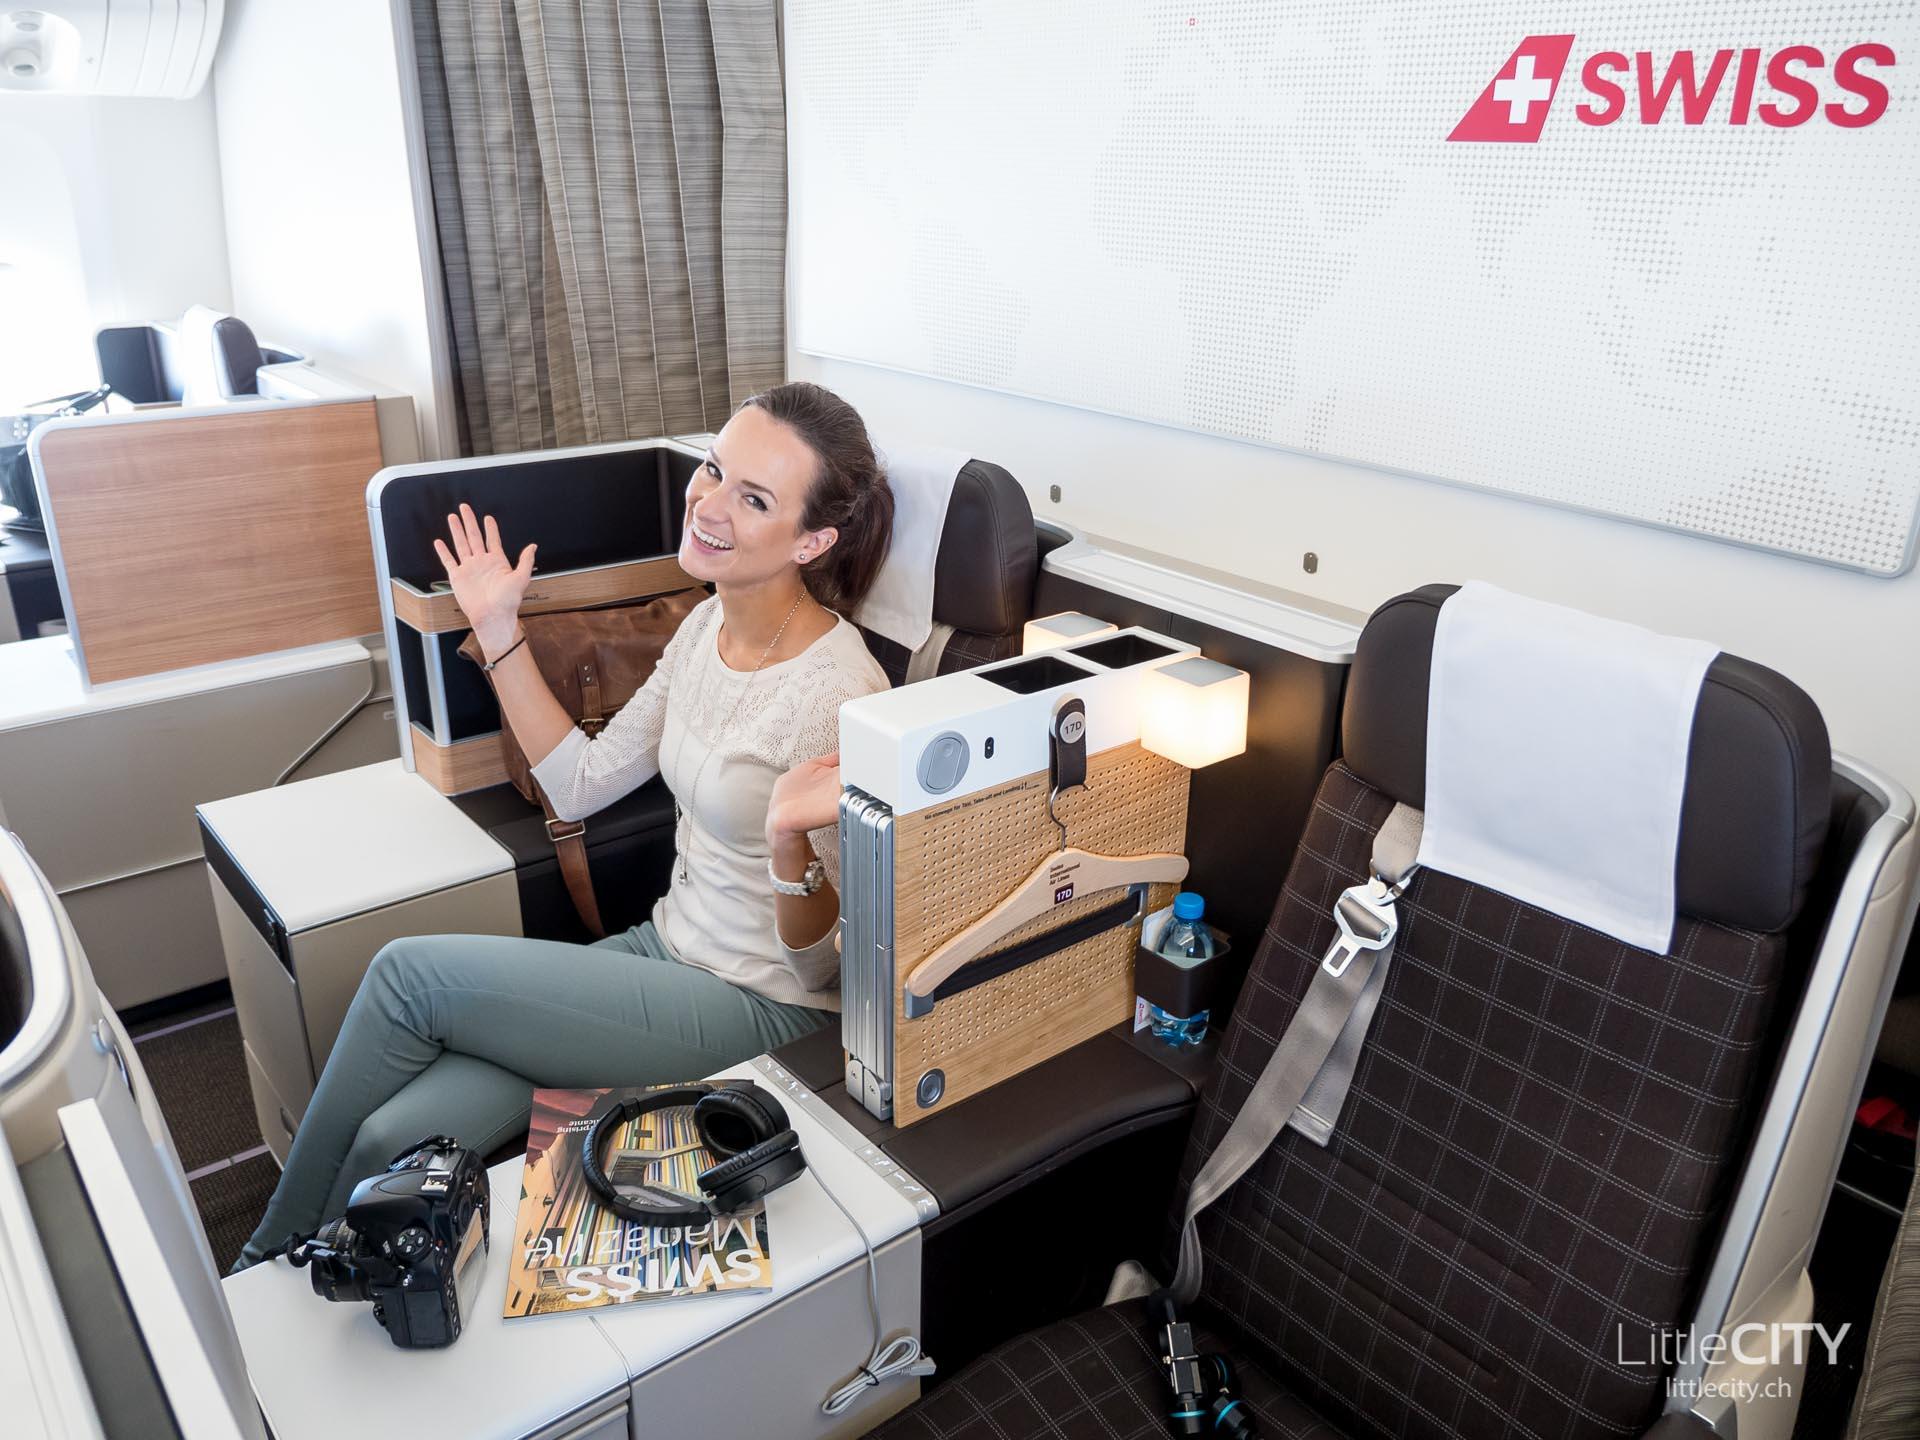 Swiss 777 Business Class Sitze LittleCITY-1